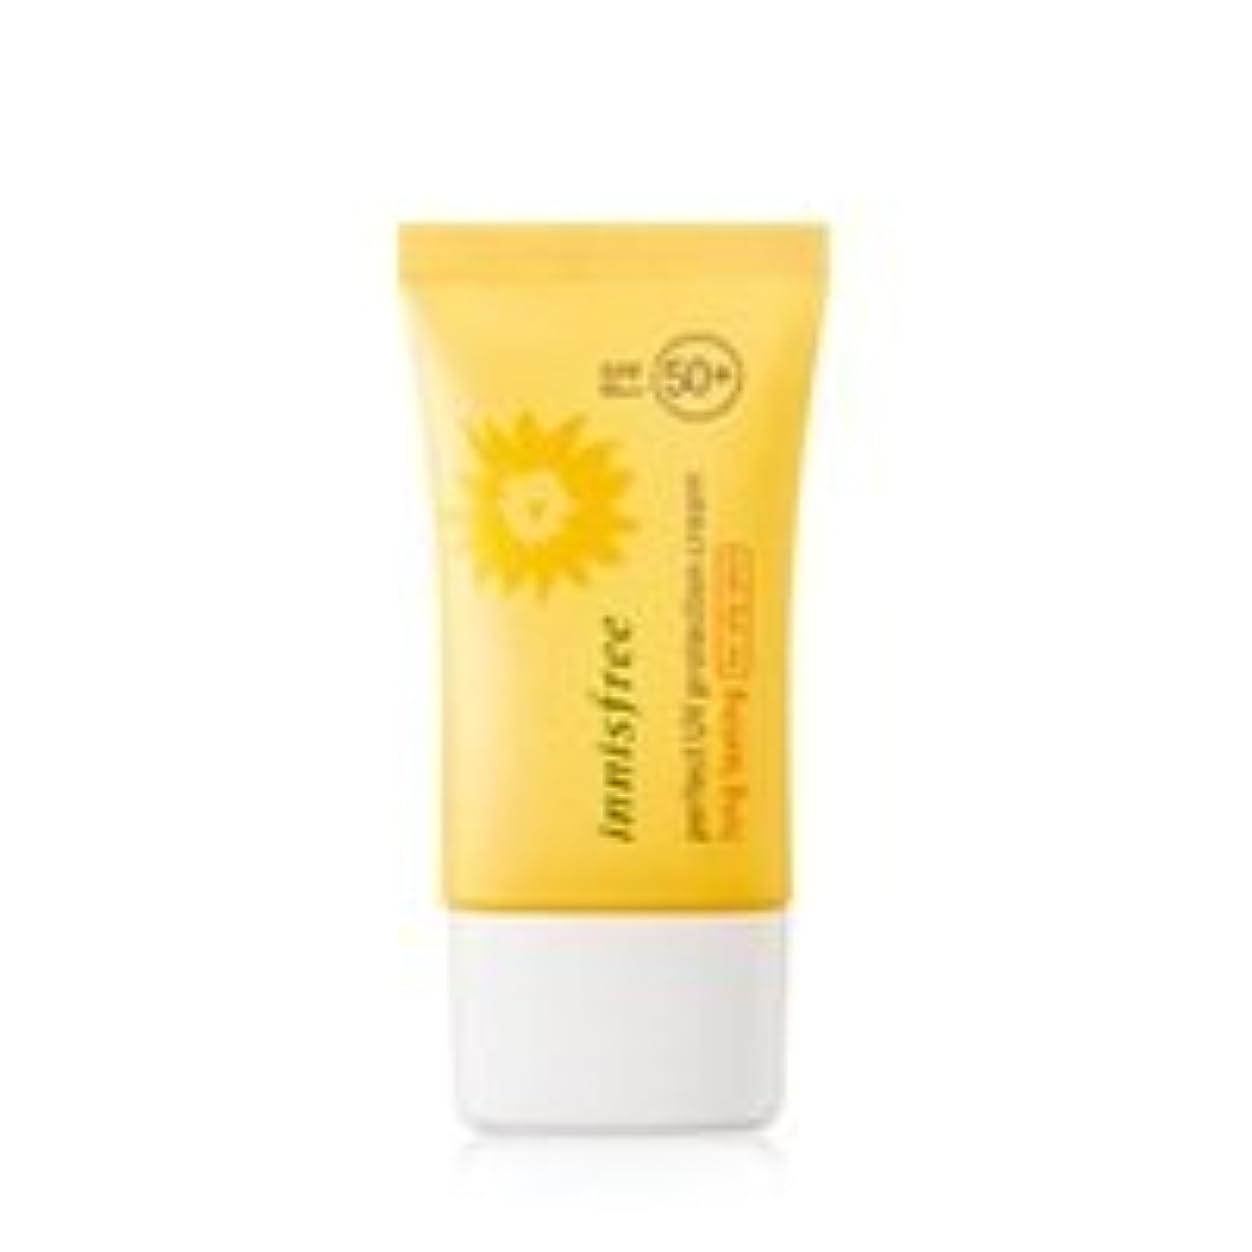 オレンジ解明食料品店[NEW] Innisfree Perfect UV Protection Cream Long Lasting 50ml [FOR OILY SKIN] イニスフリー パーフェクトUVプロテクションクリーム ロングラスティング 50ml [FOR OILY SKIN] SPF50+ PA+++ [並行輸入品]